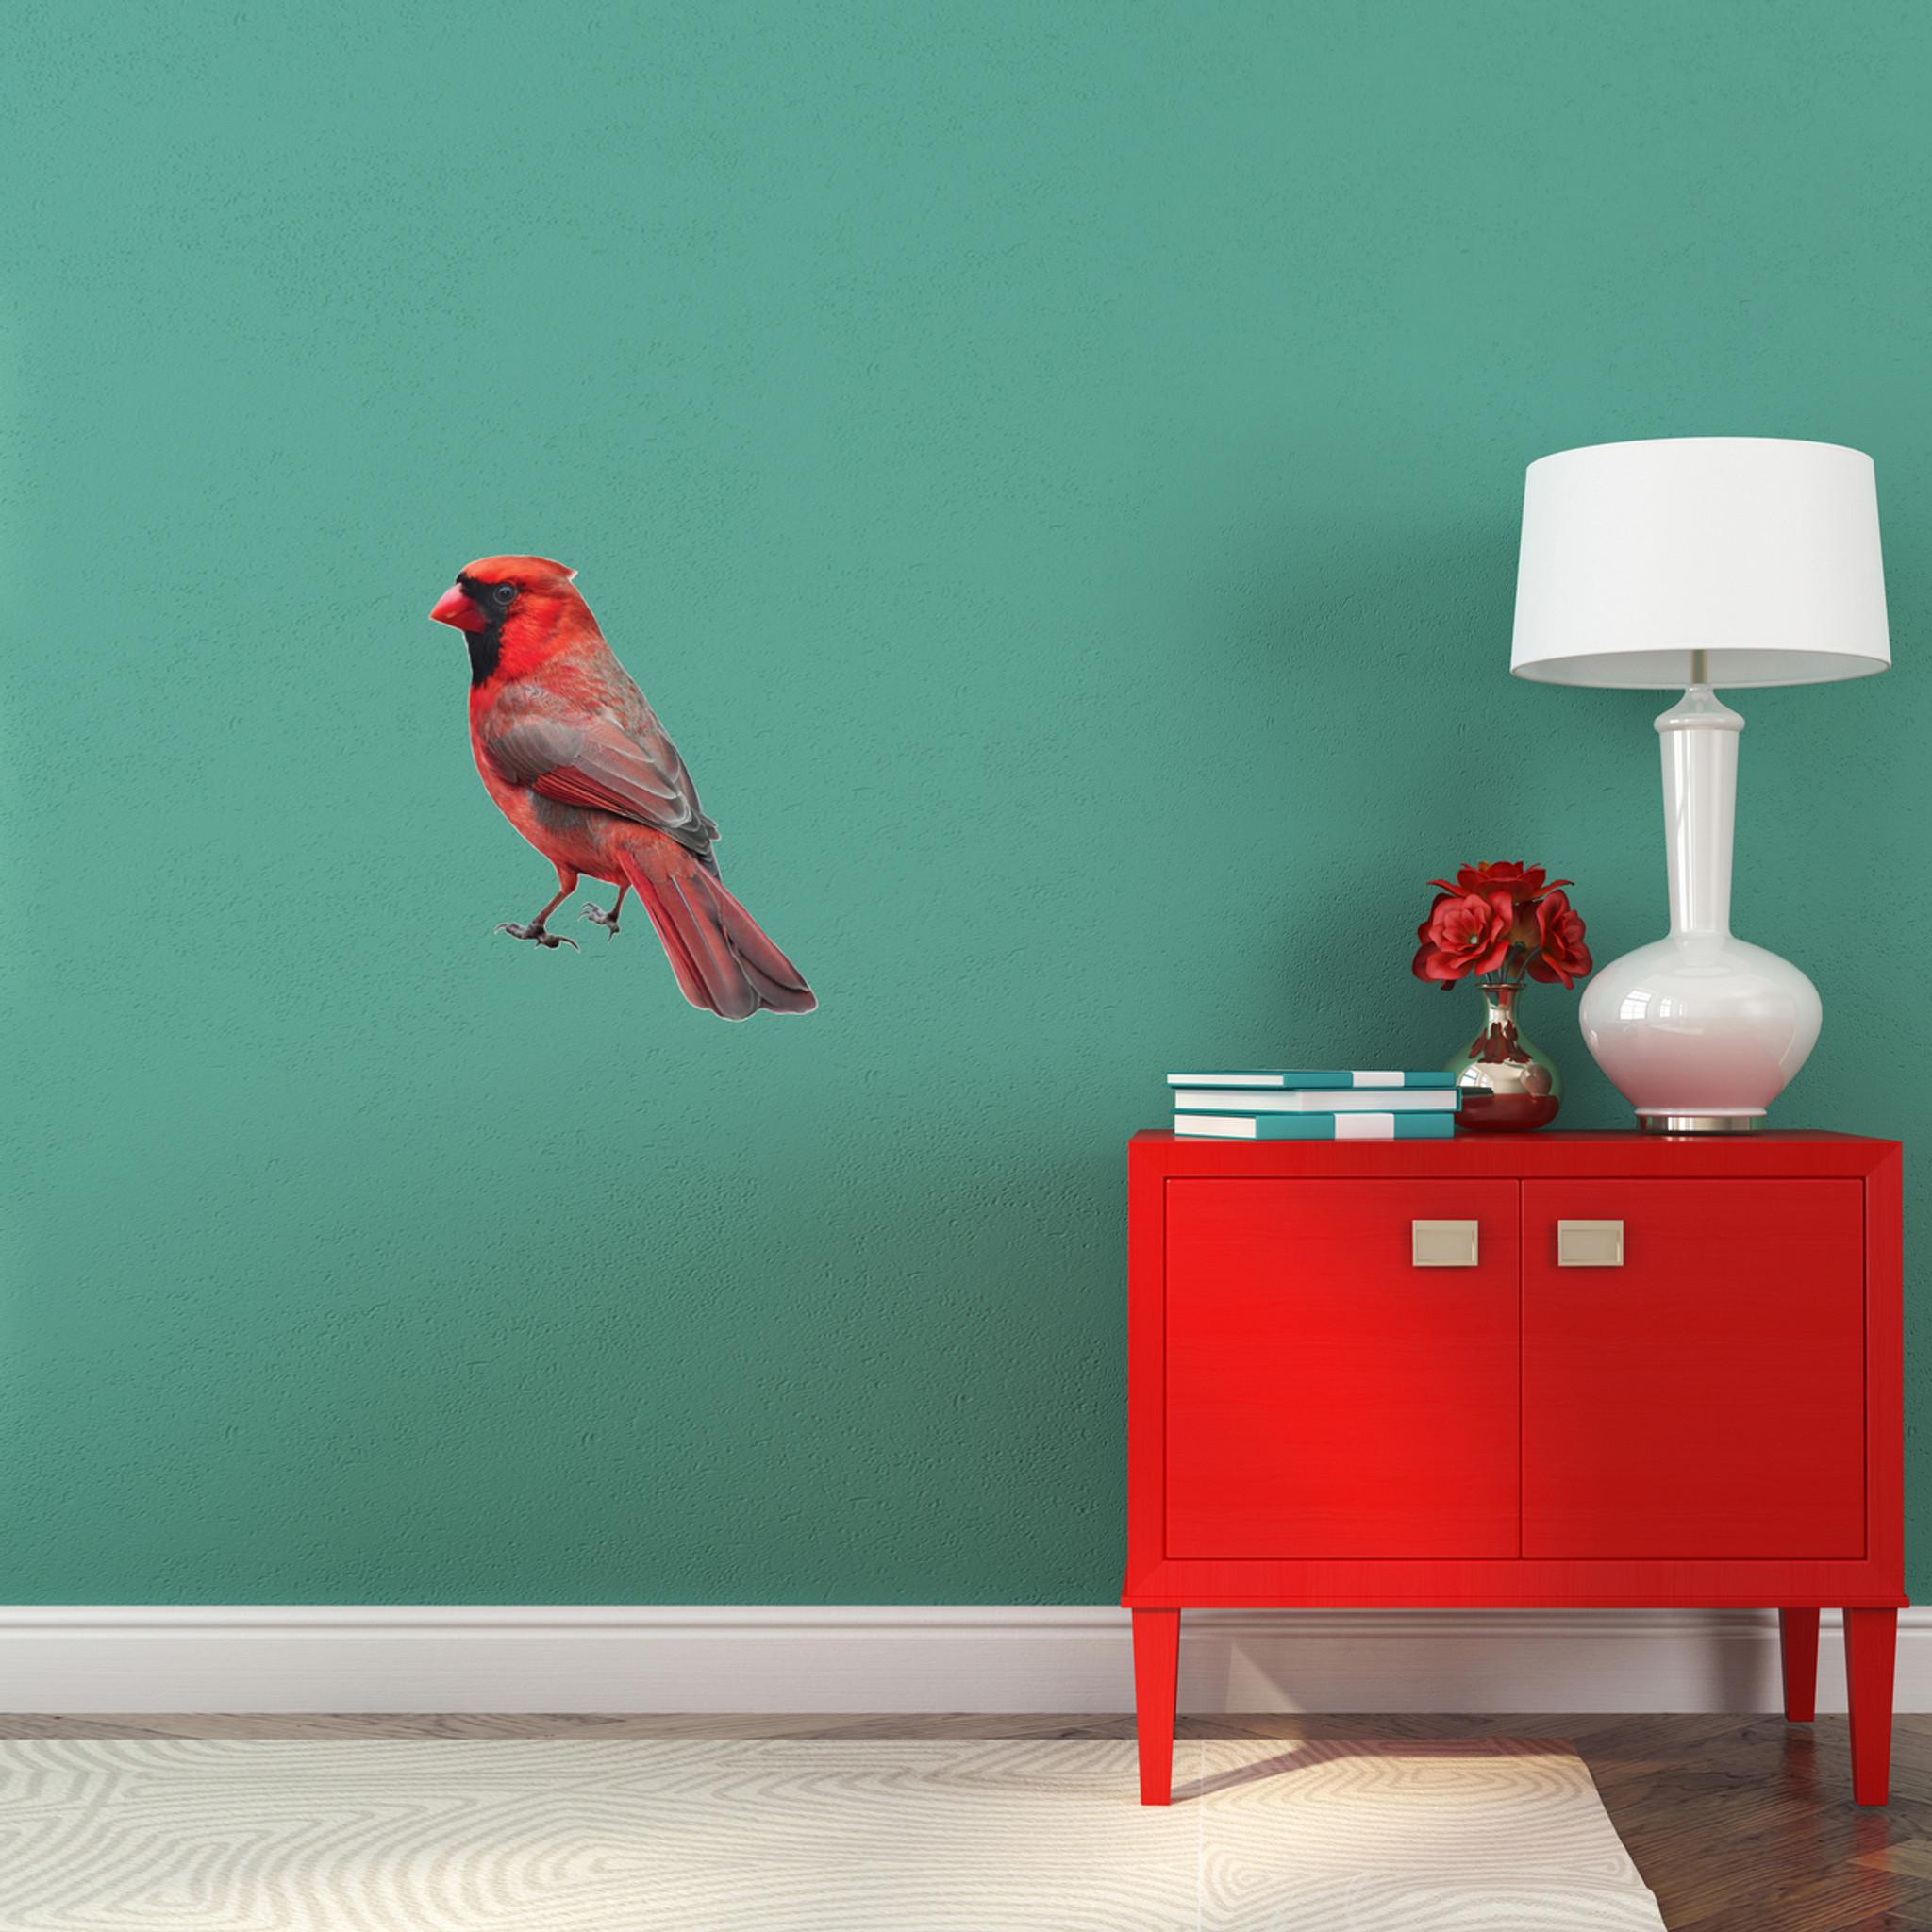 Real Life Cardinal Bird Printed Wall Decal